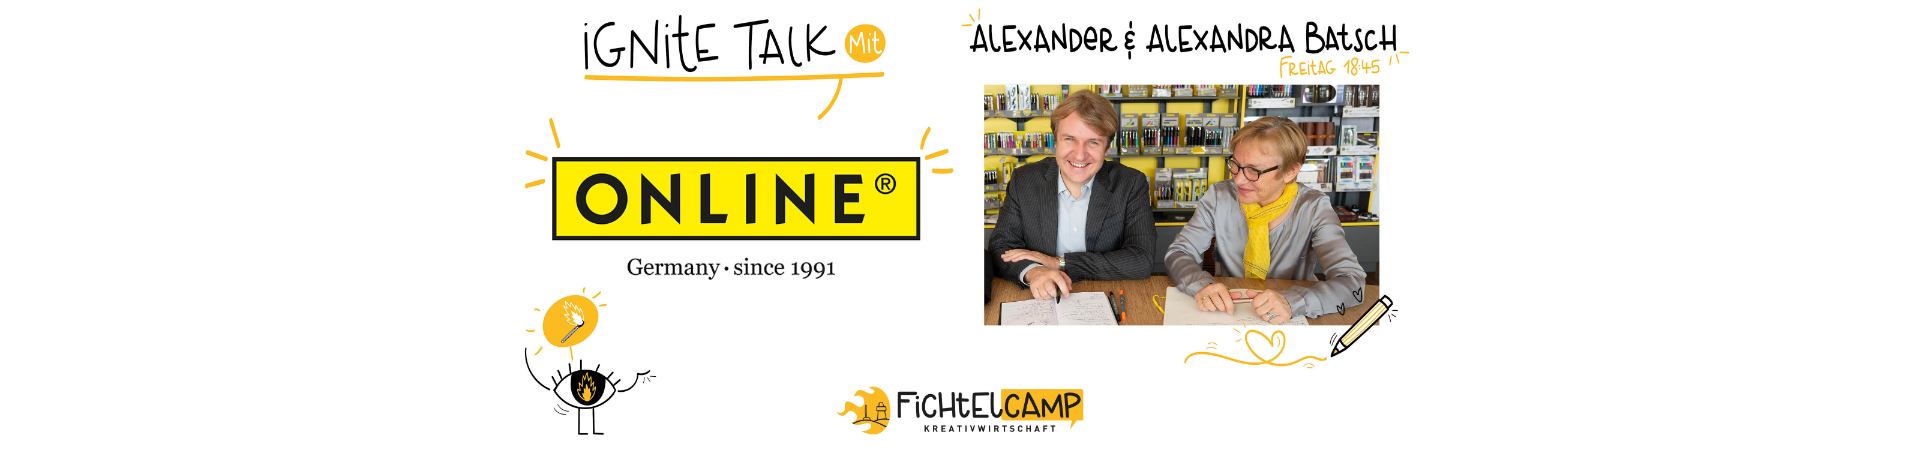 Ignite Talk mit Alexandra und Alexander Batsch, Geschäftsführende ONLINE Schreibgeräte GmbH, Neumarkt i. d. Opf.